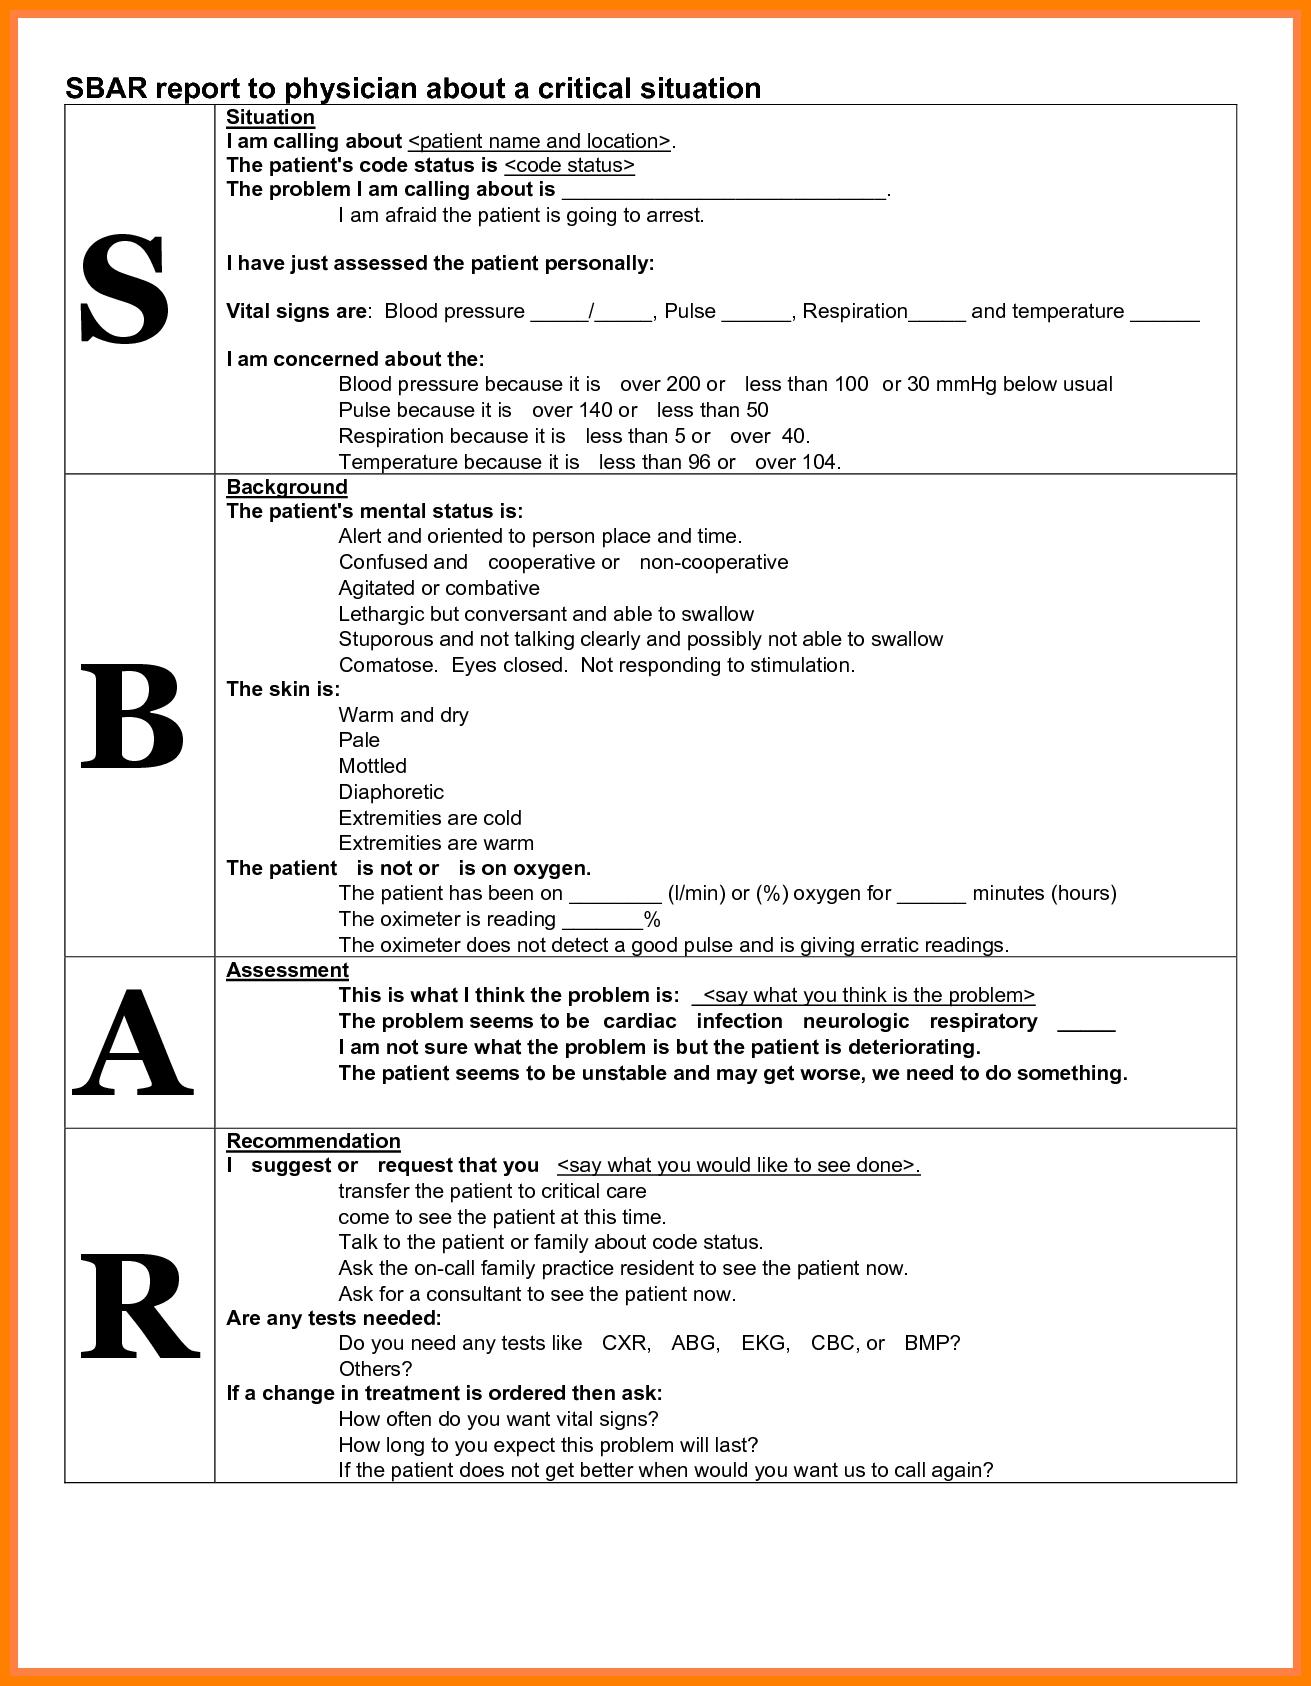 sbar example in nursing  sbar format - Google Search | Sbar nursing, Sbar, Charting ..